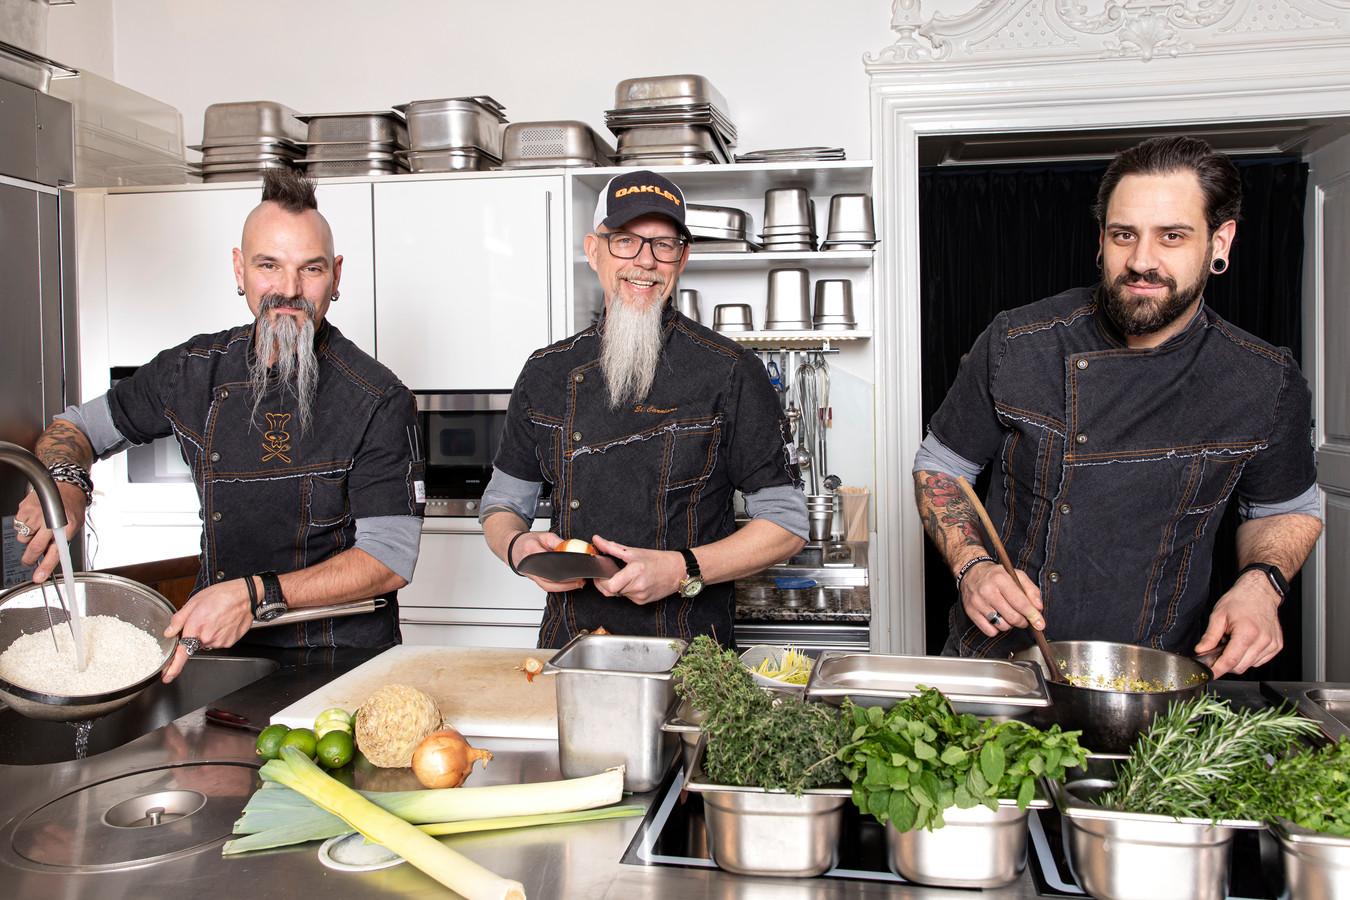 Het team van Puzo: rocking chefs